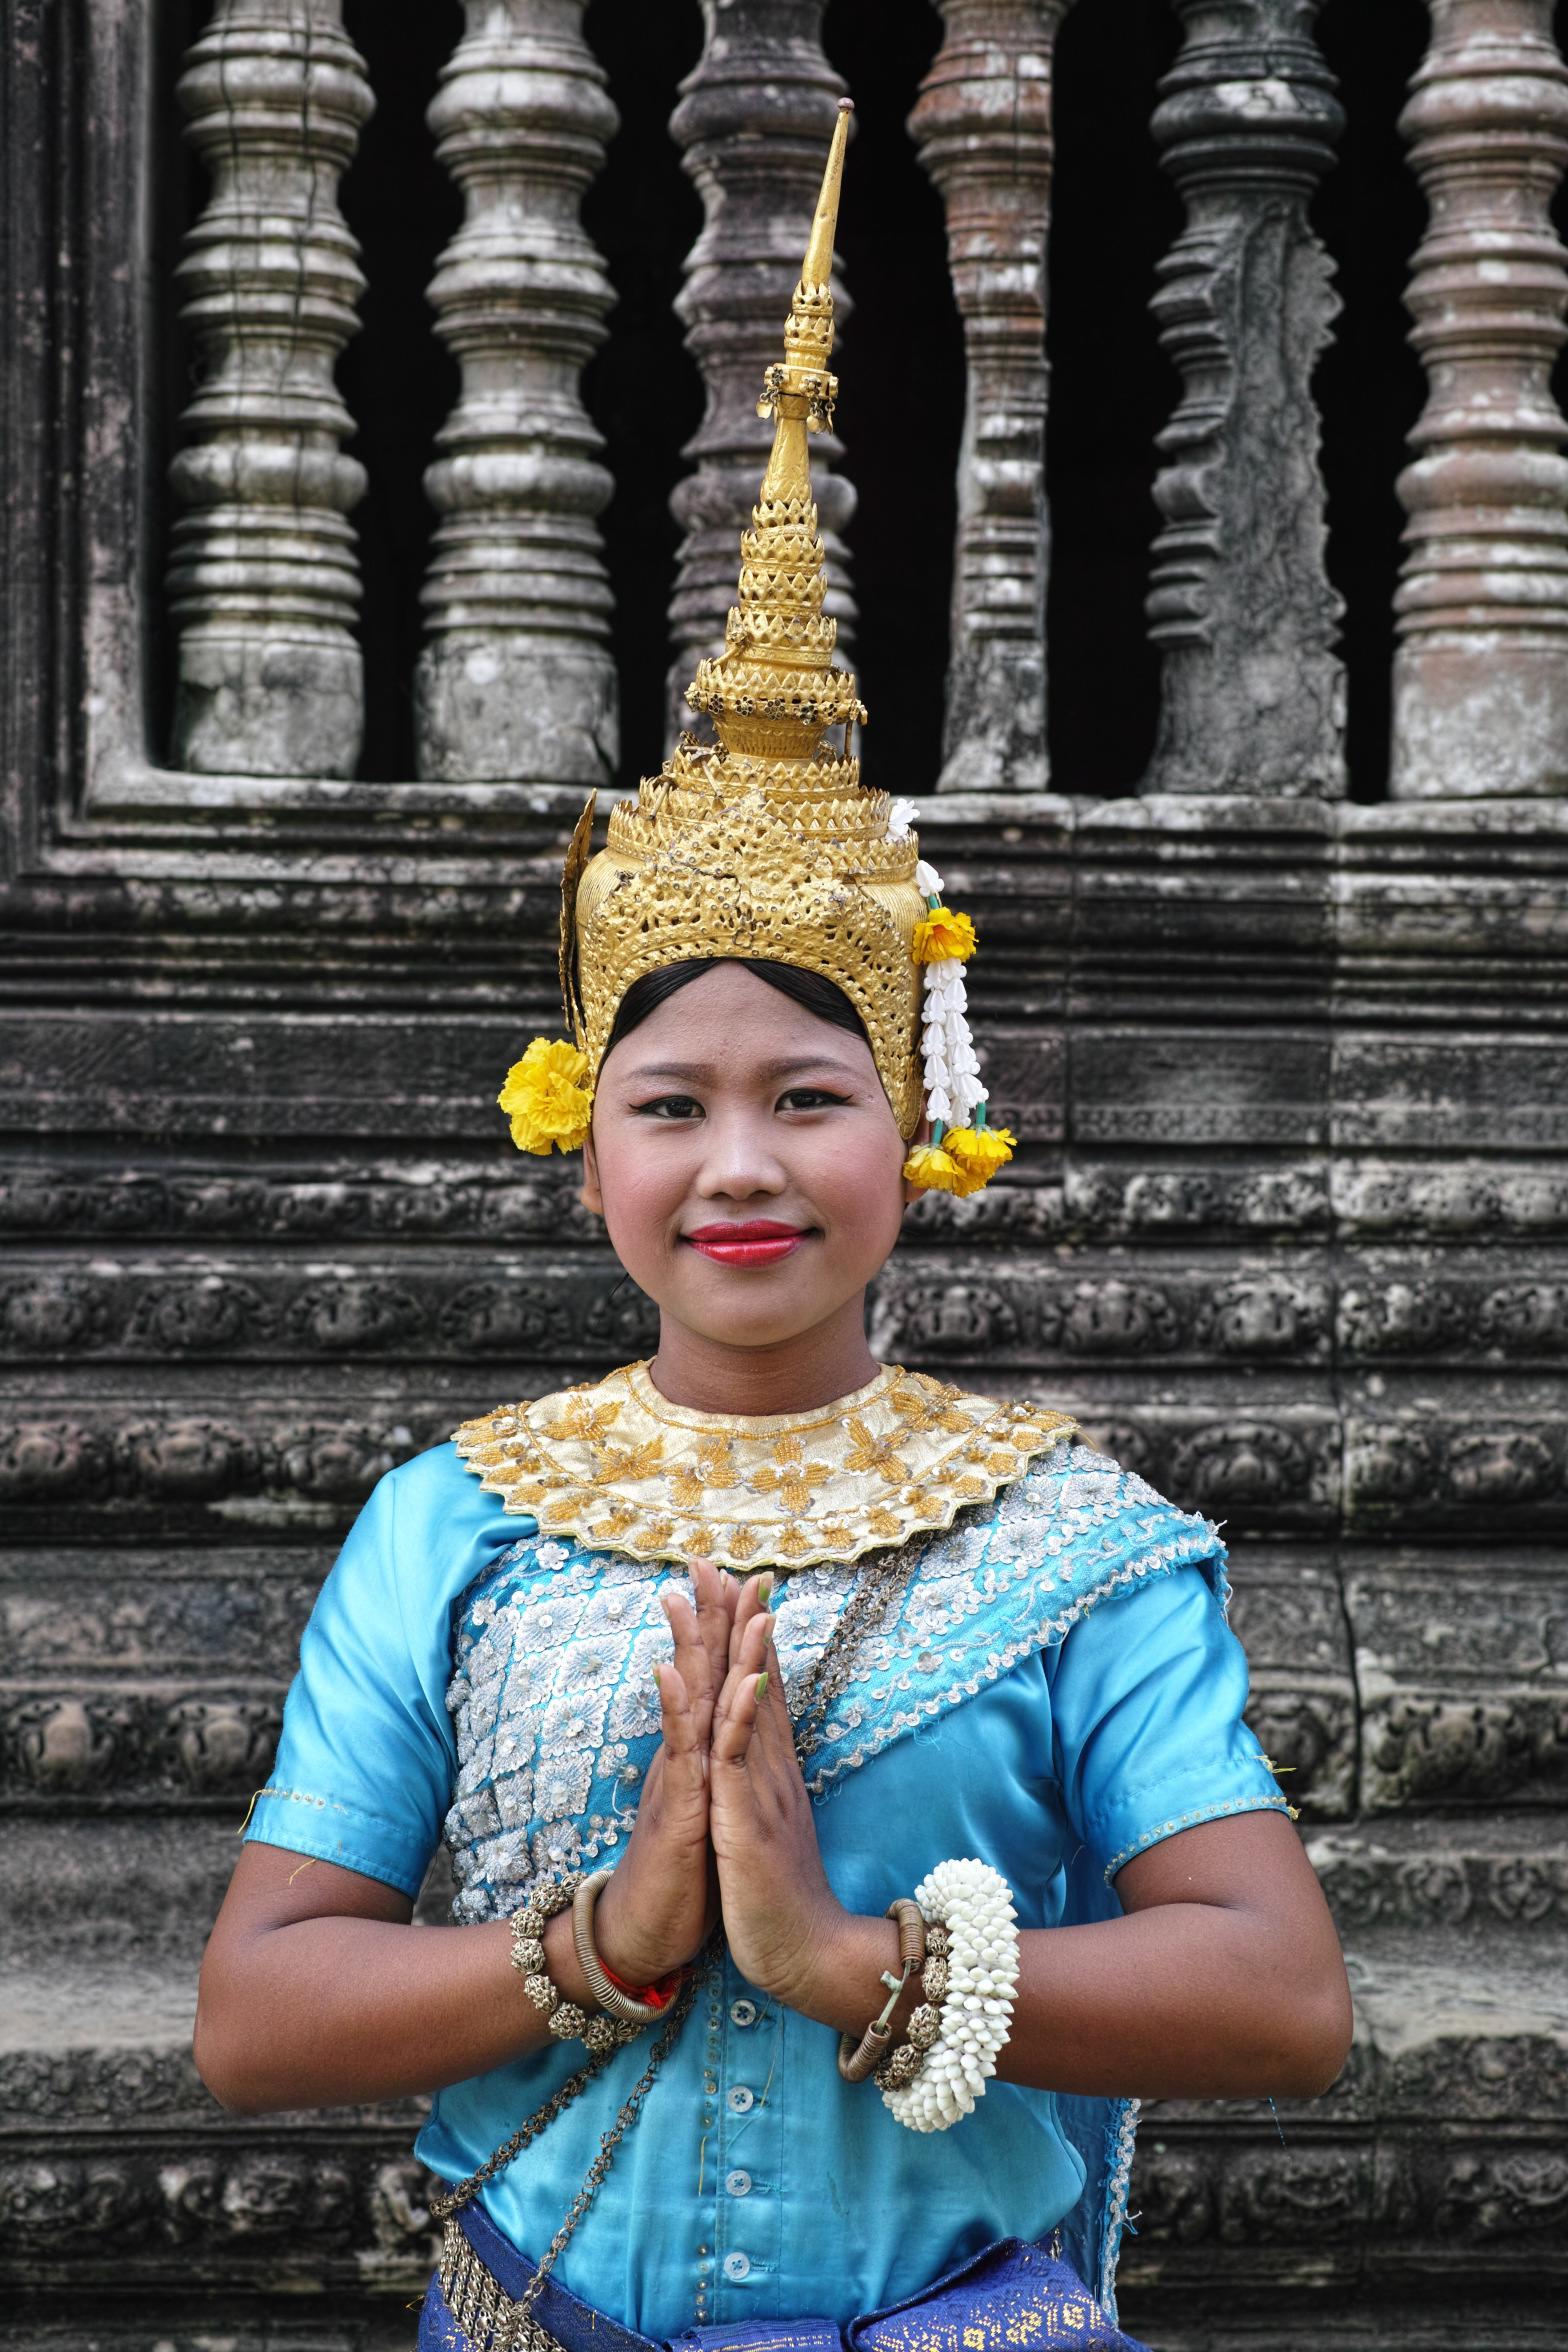 At Angkor Wat temple, Cambodia